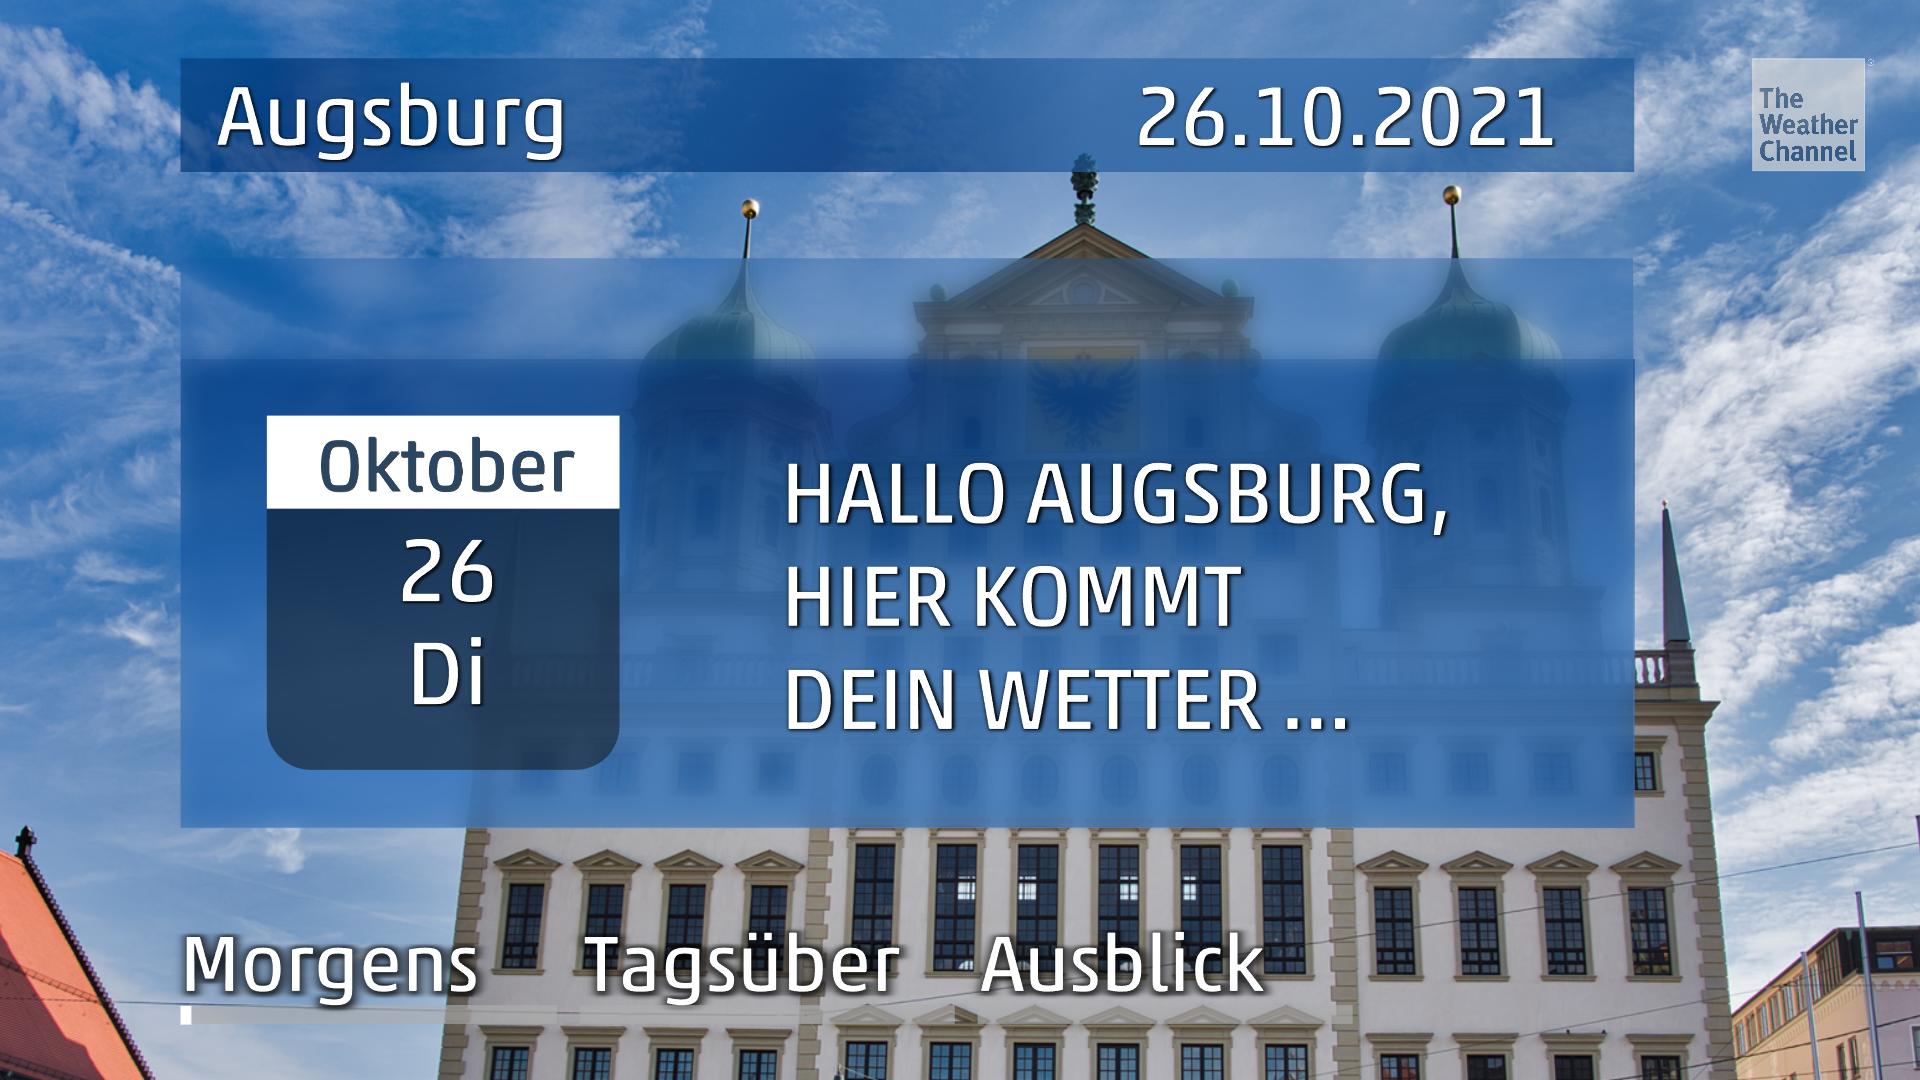 Das Wetter für Augsburg am Dienstag, den 26.10.2021